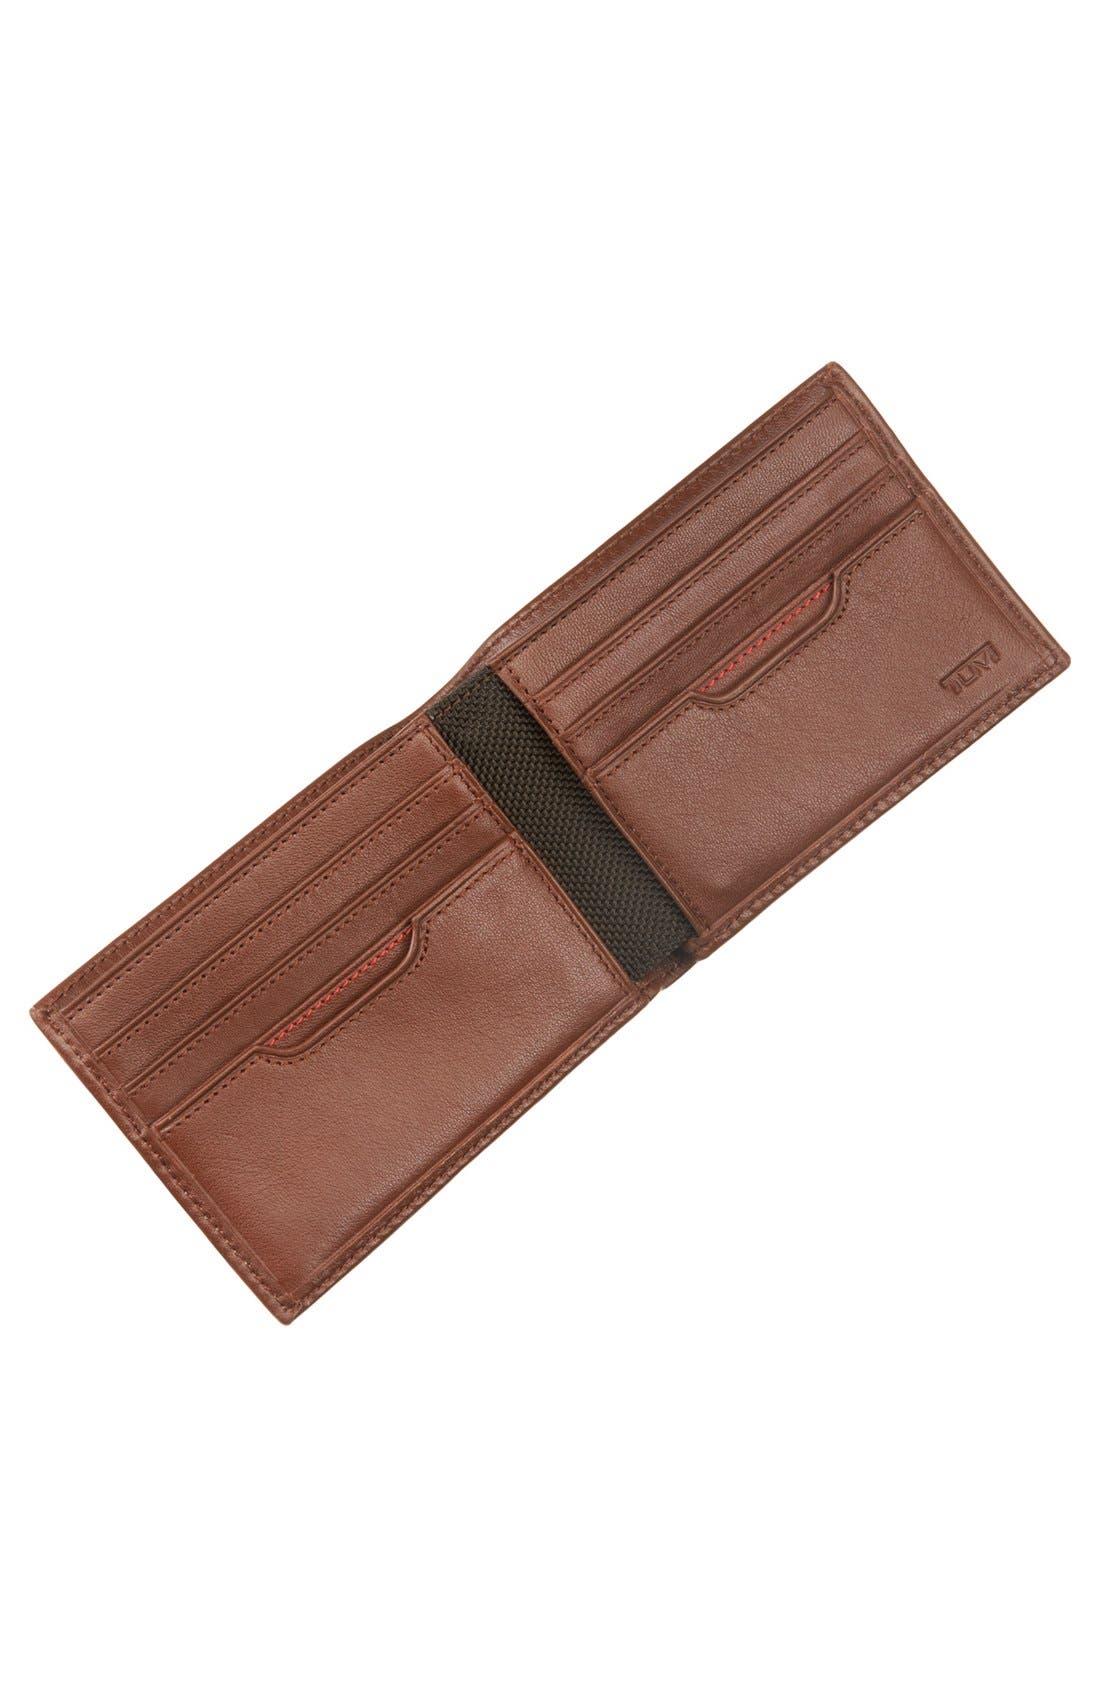 Alternate Image 3  - Tumi 'Delta Double' Billfold Wallet